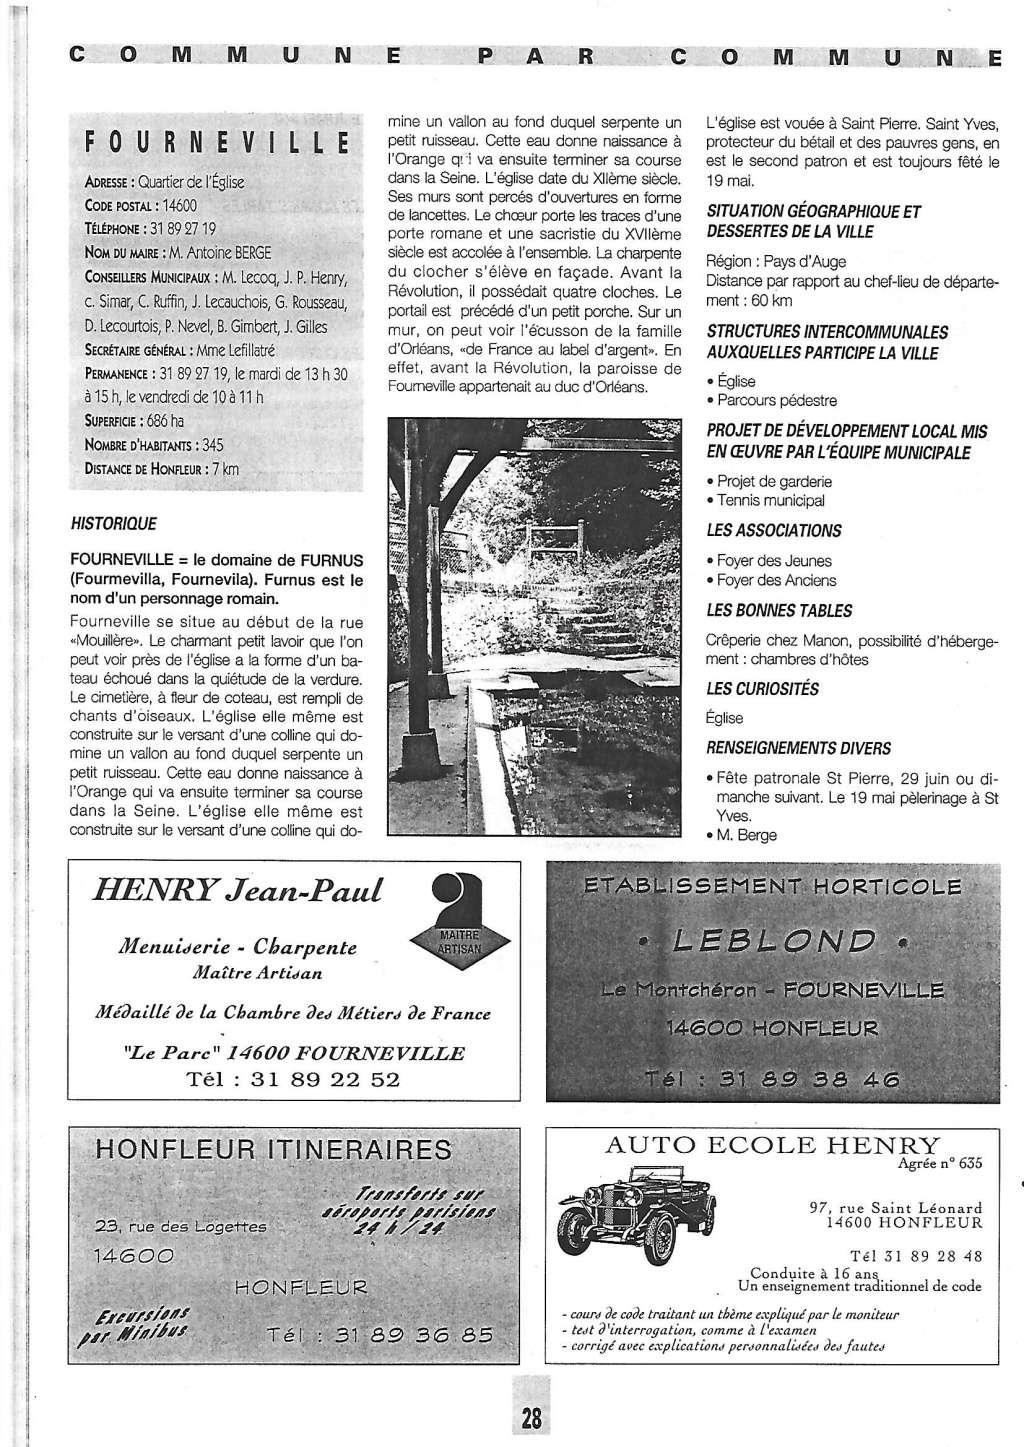 Histoire des communes - Fourneville 1001210